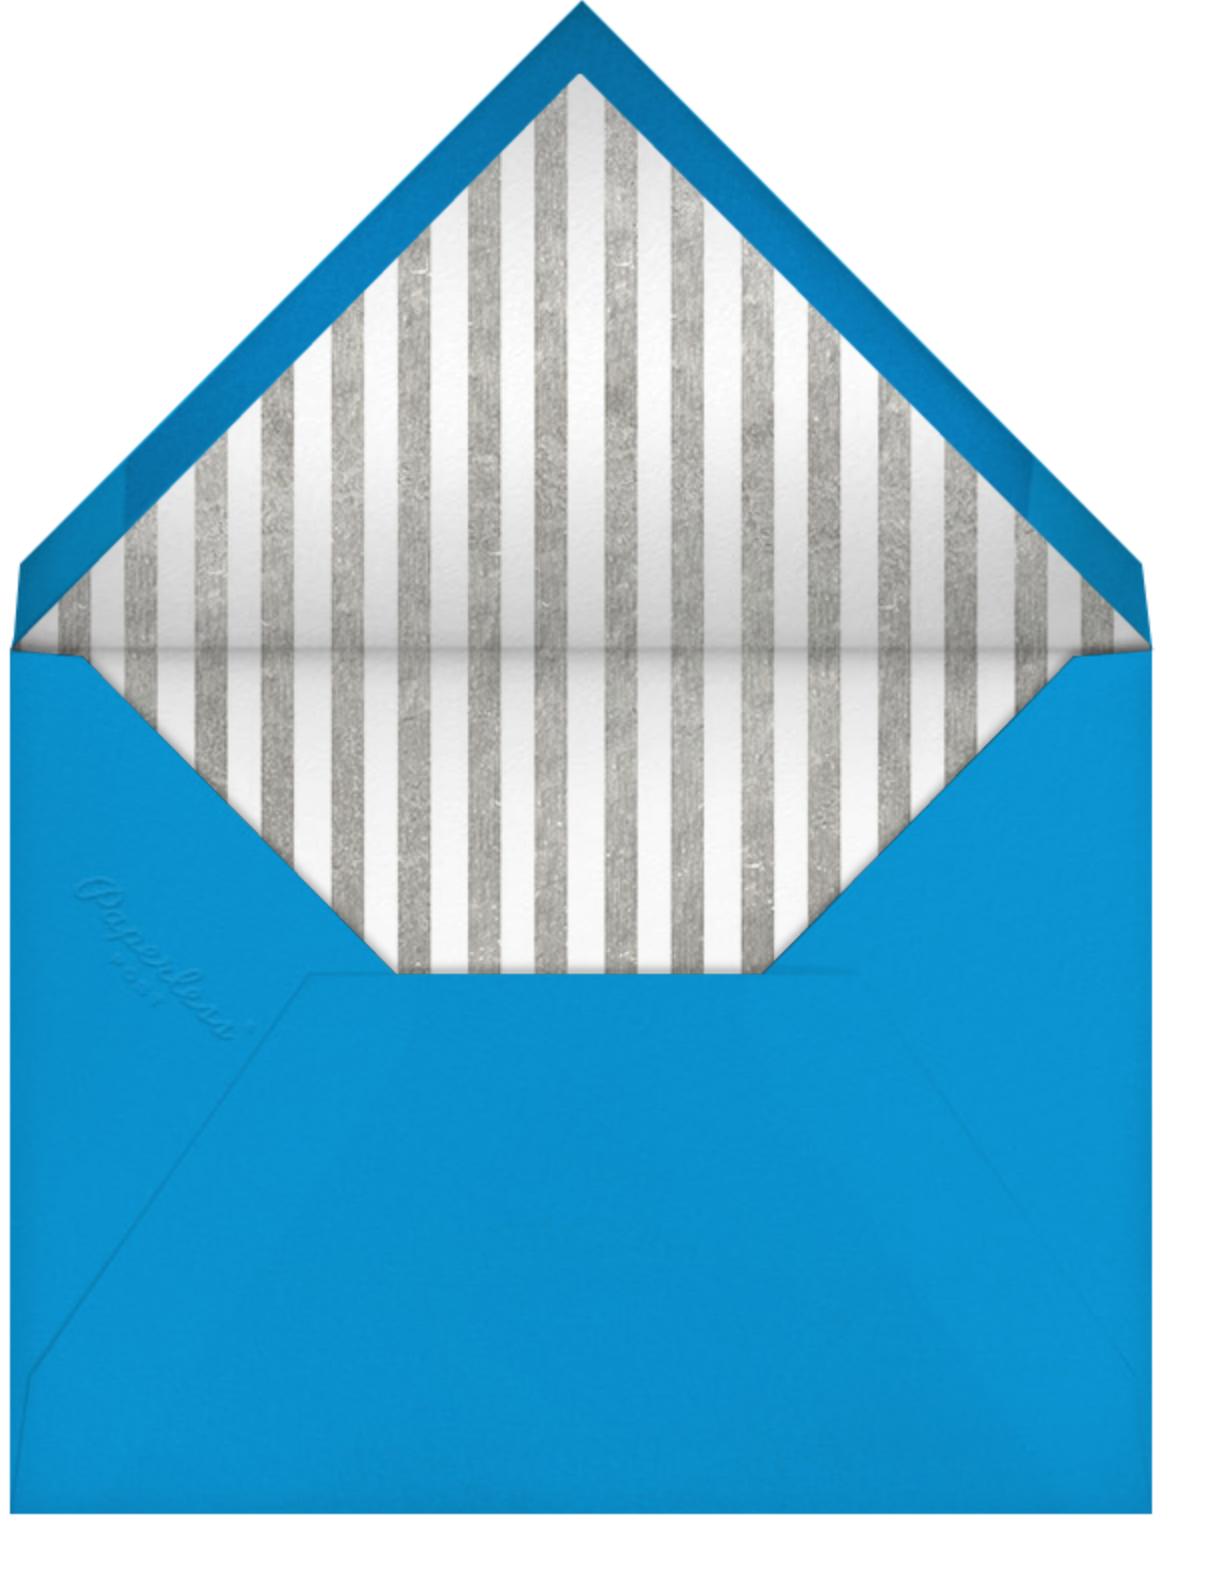 Bobo Too - Blue and Silver - Jonathan Adler - Hanukkah - envelope back